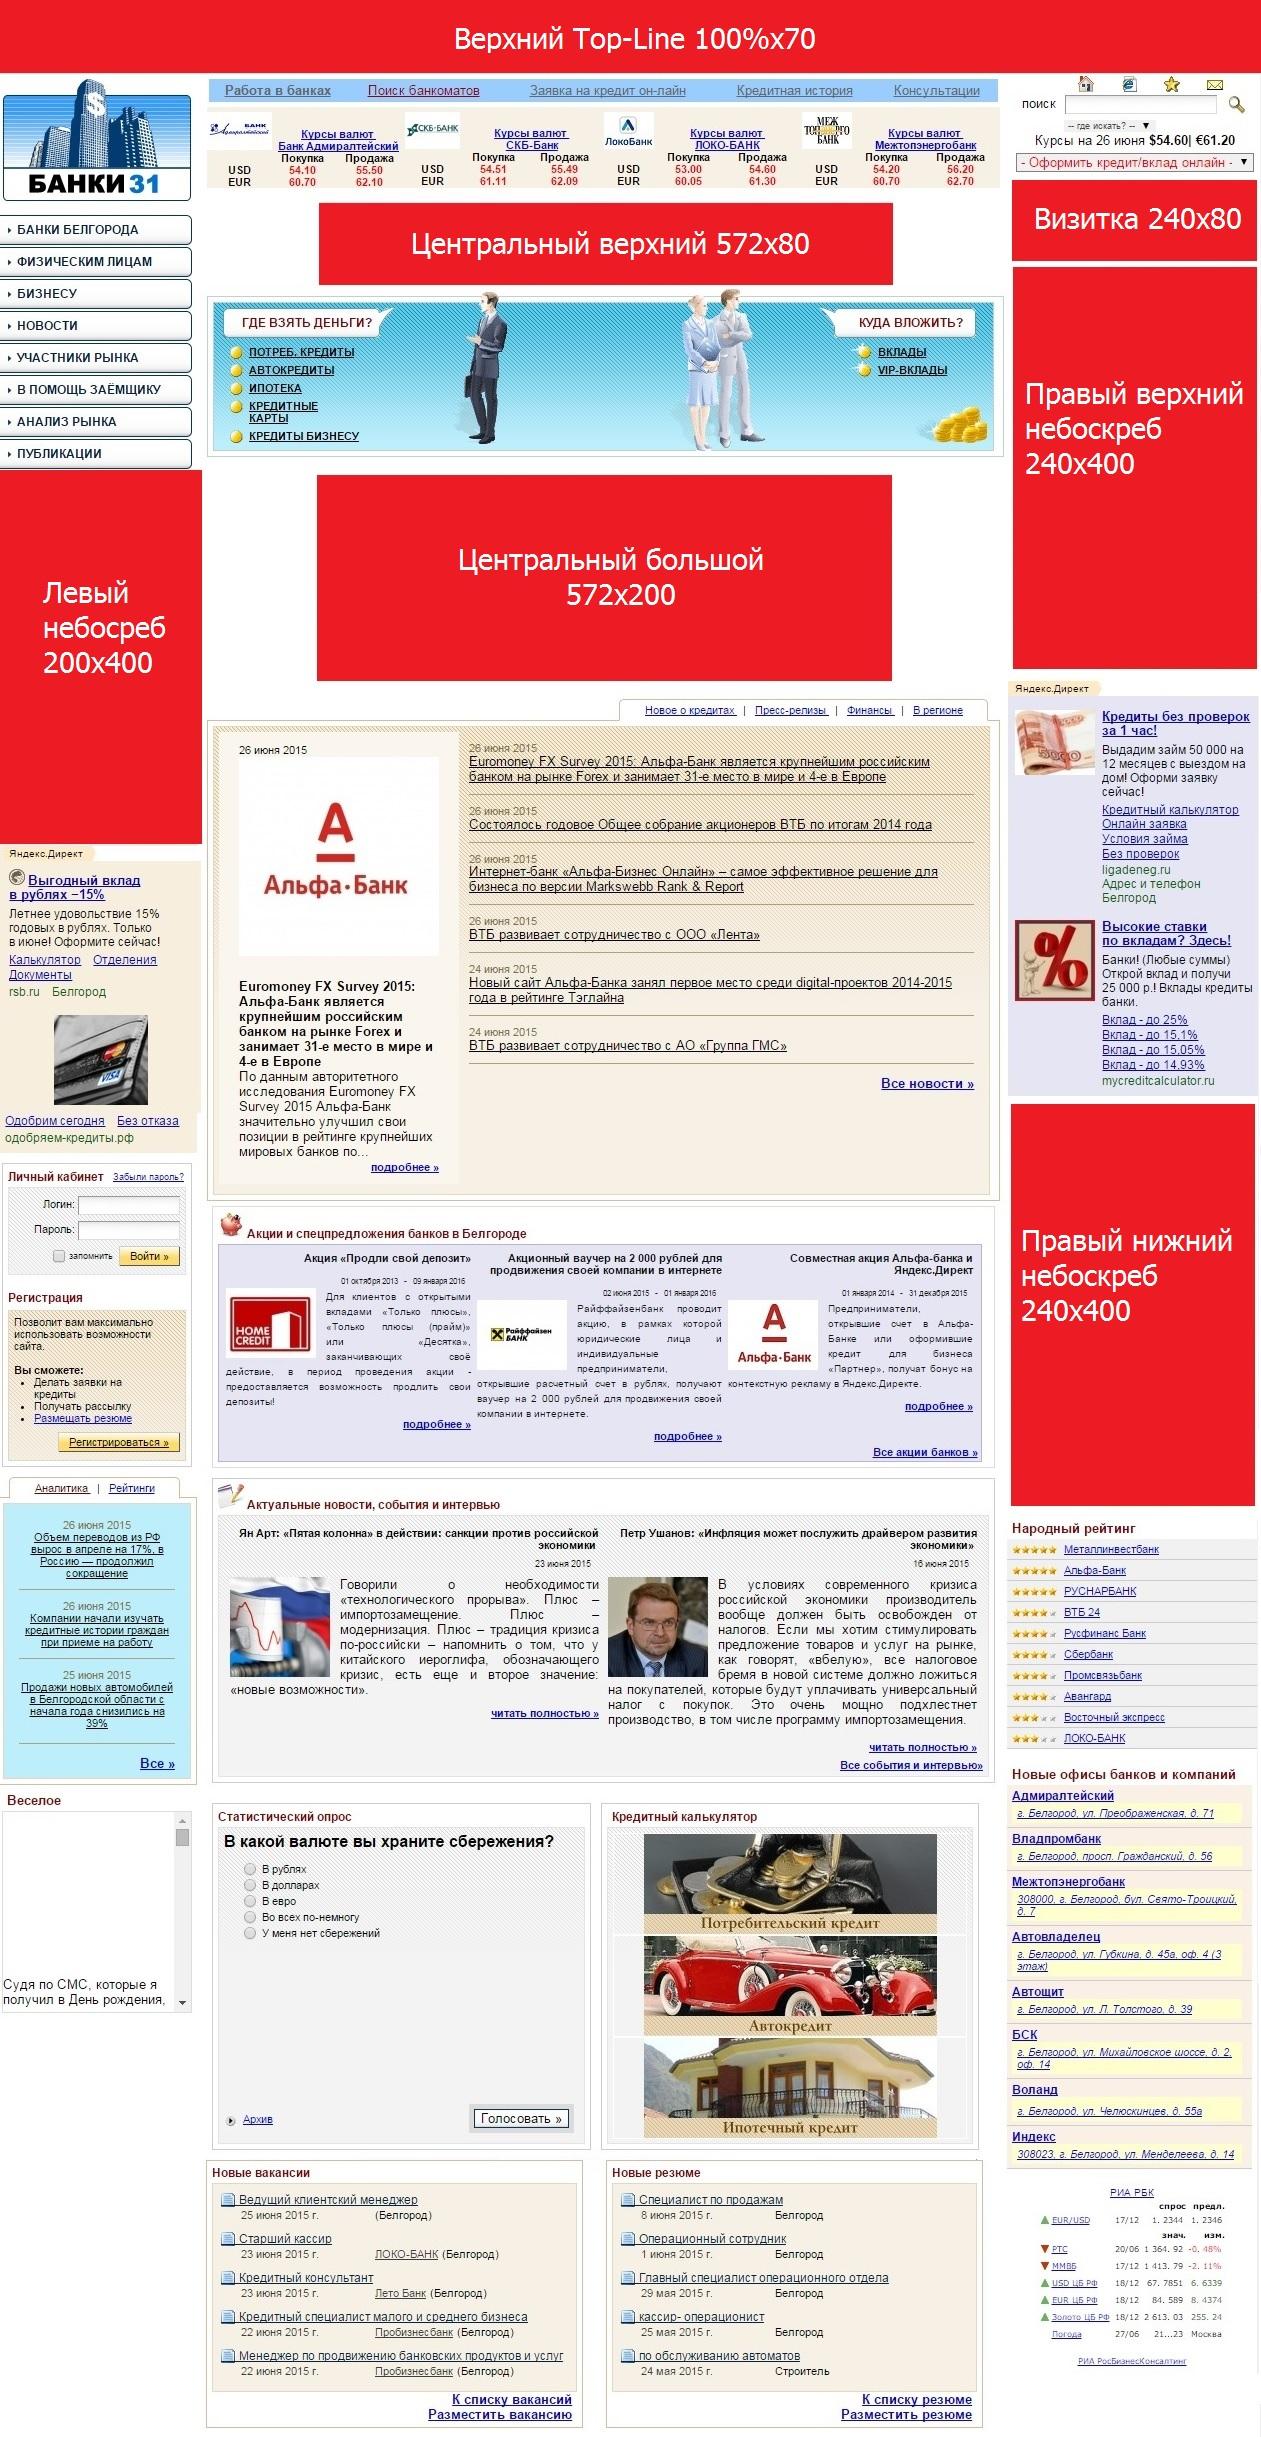 Скан сайта Банки31. Рекламные возможности